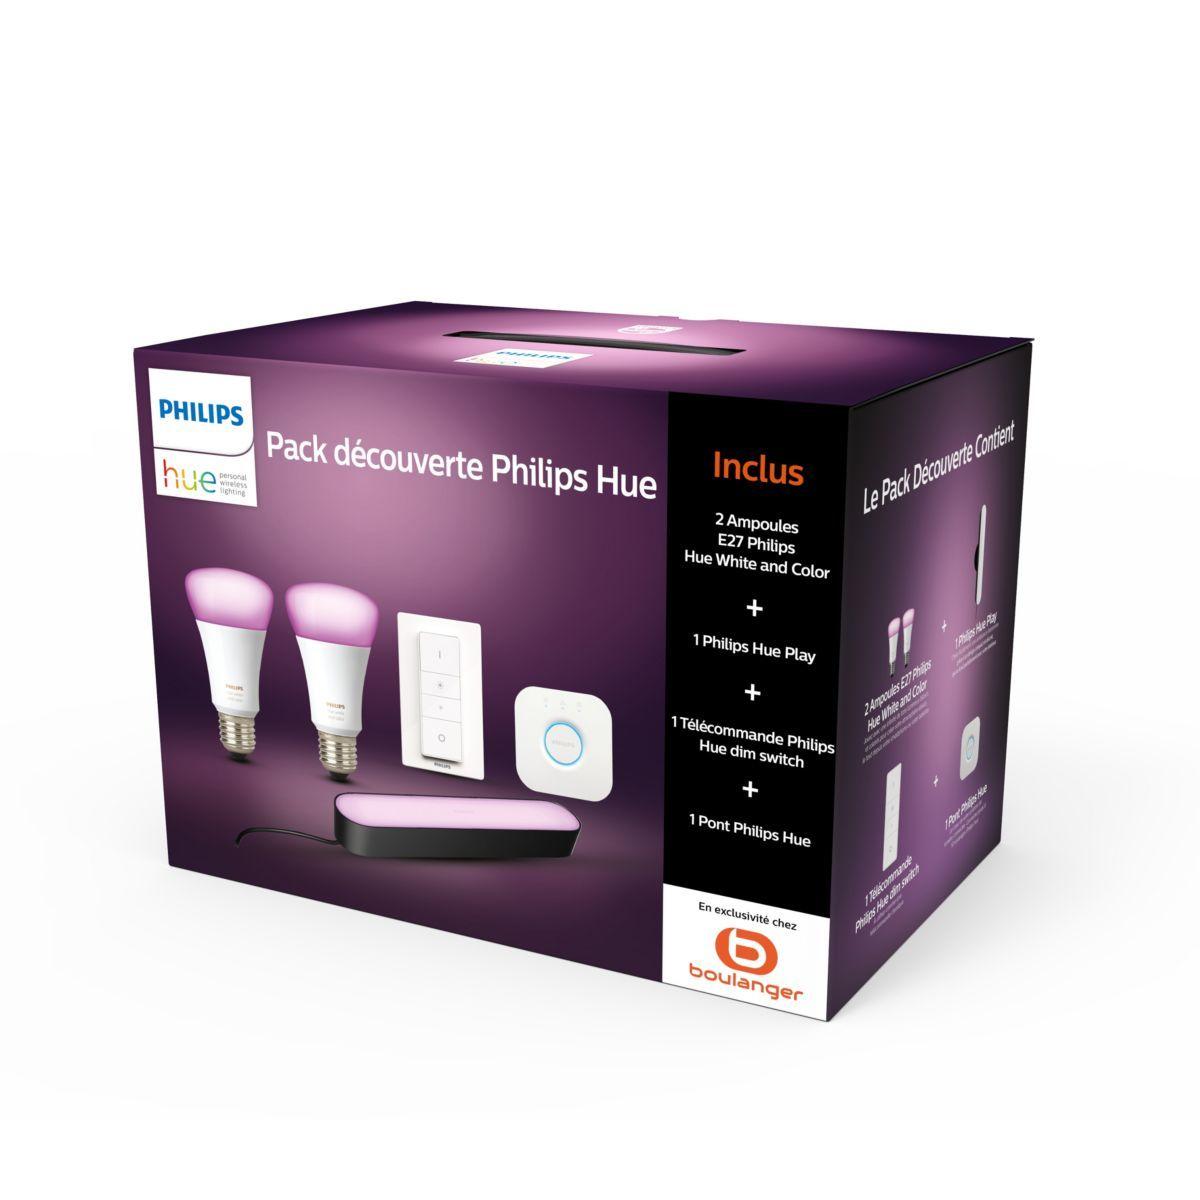 Pack démarrage Philips Hue : 2 Ampoules E27 White & Color + Hue Play + Dim Switch + Pont (+ 24€ en SuperPoints)